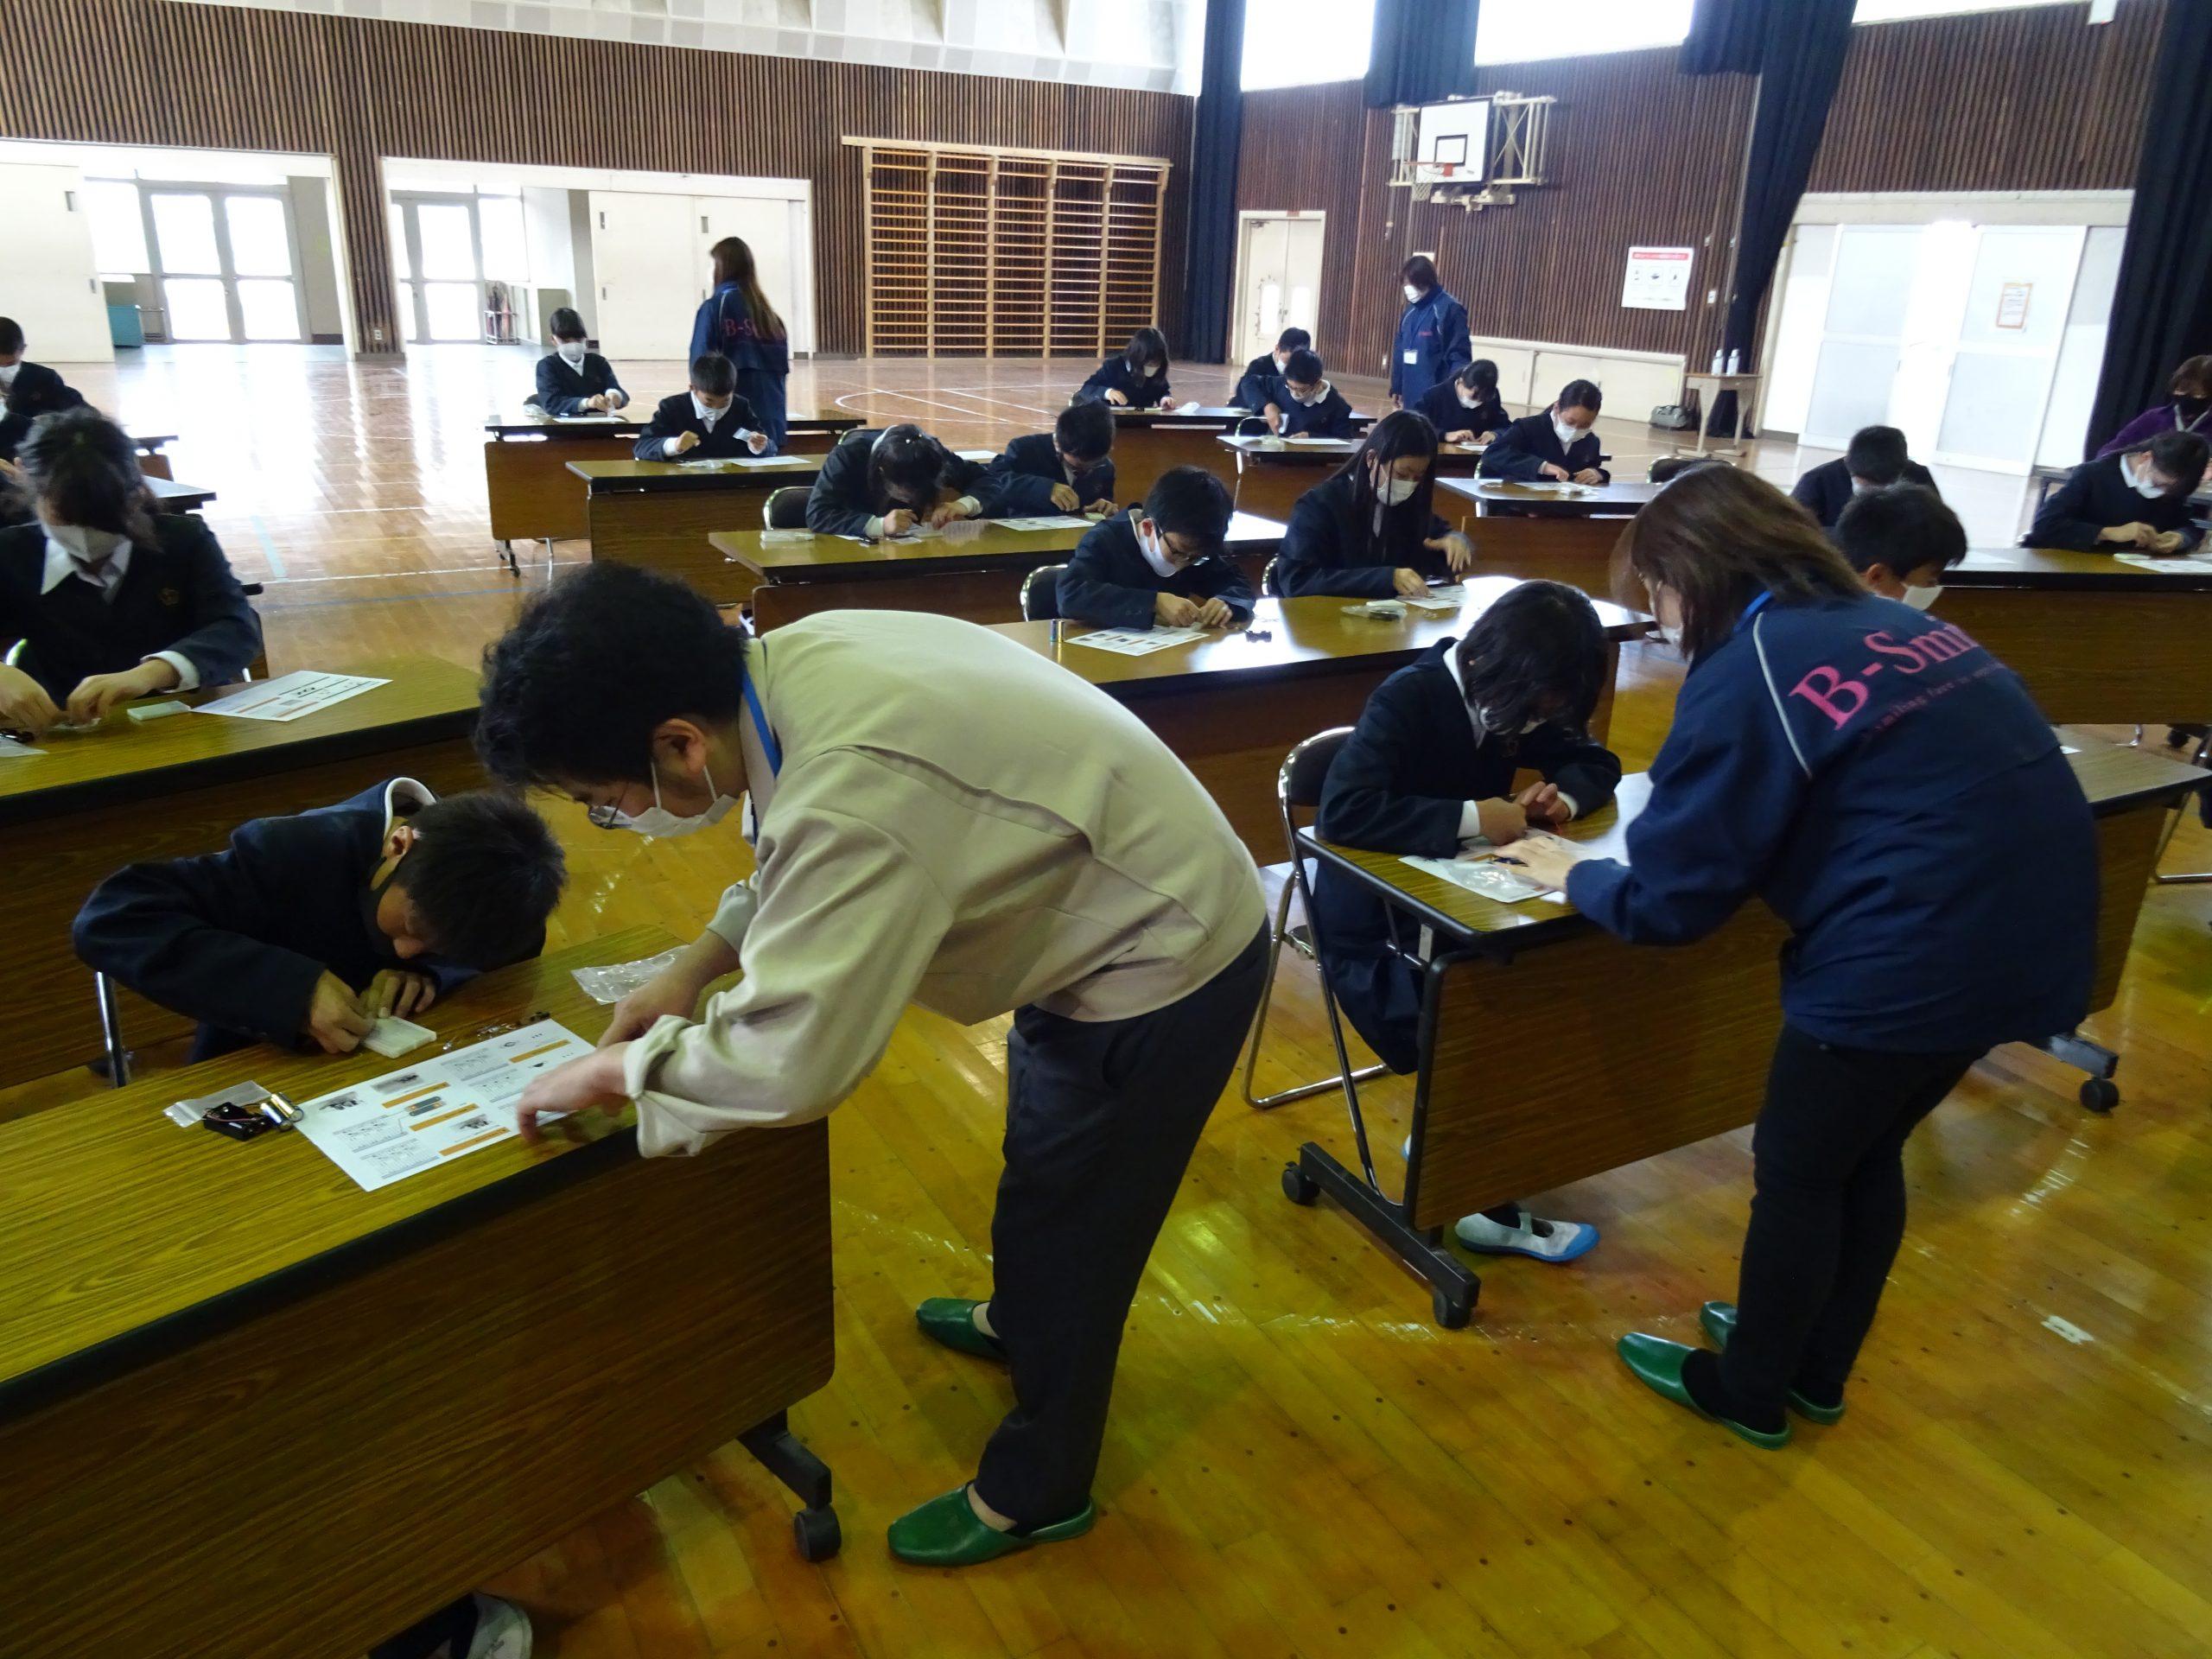 コロナ禍では、体育館を利用して生徒同士の距離と通気性を確保して実施した